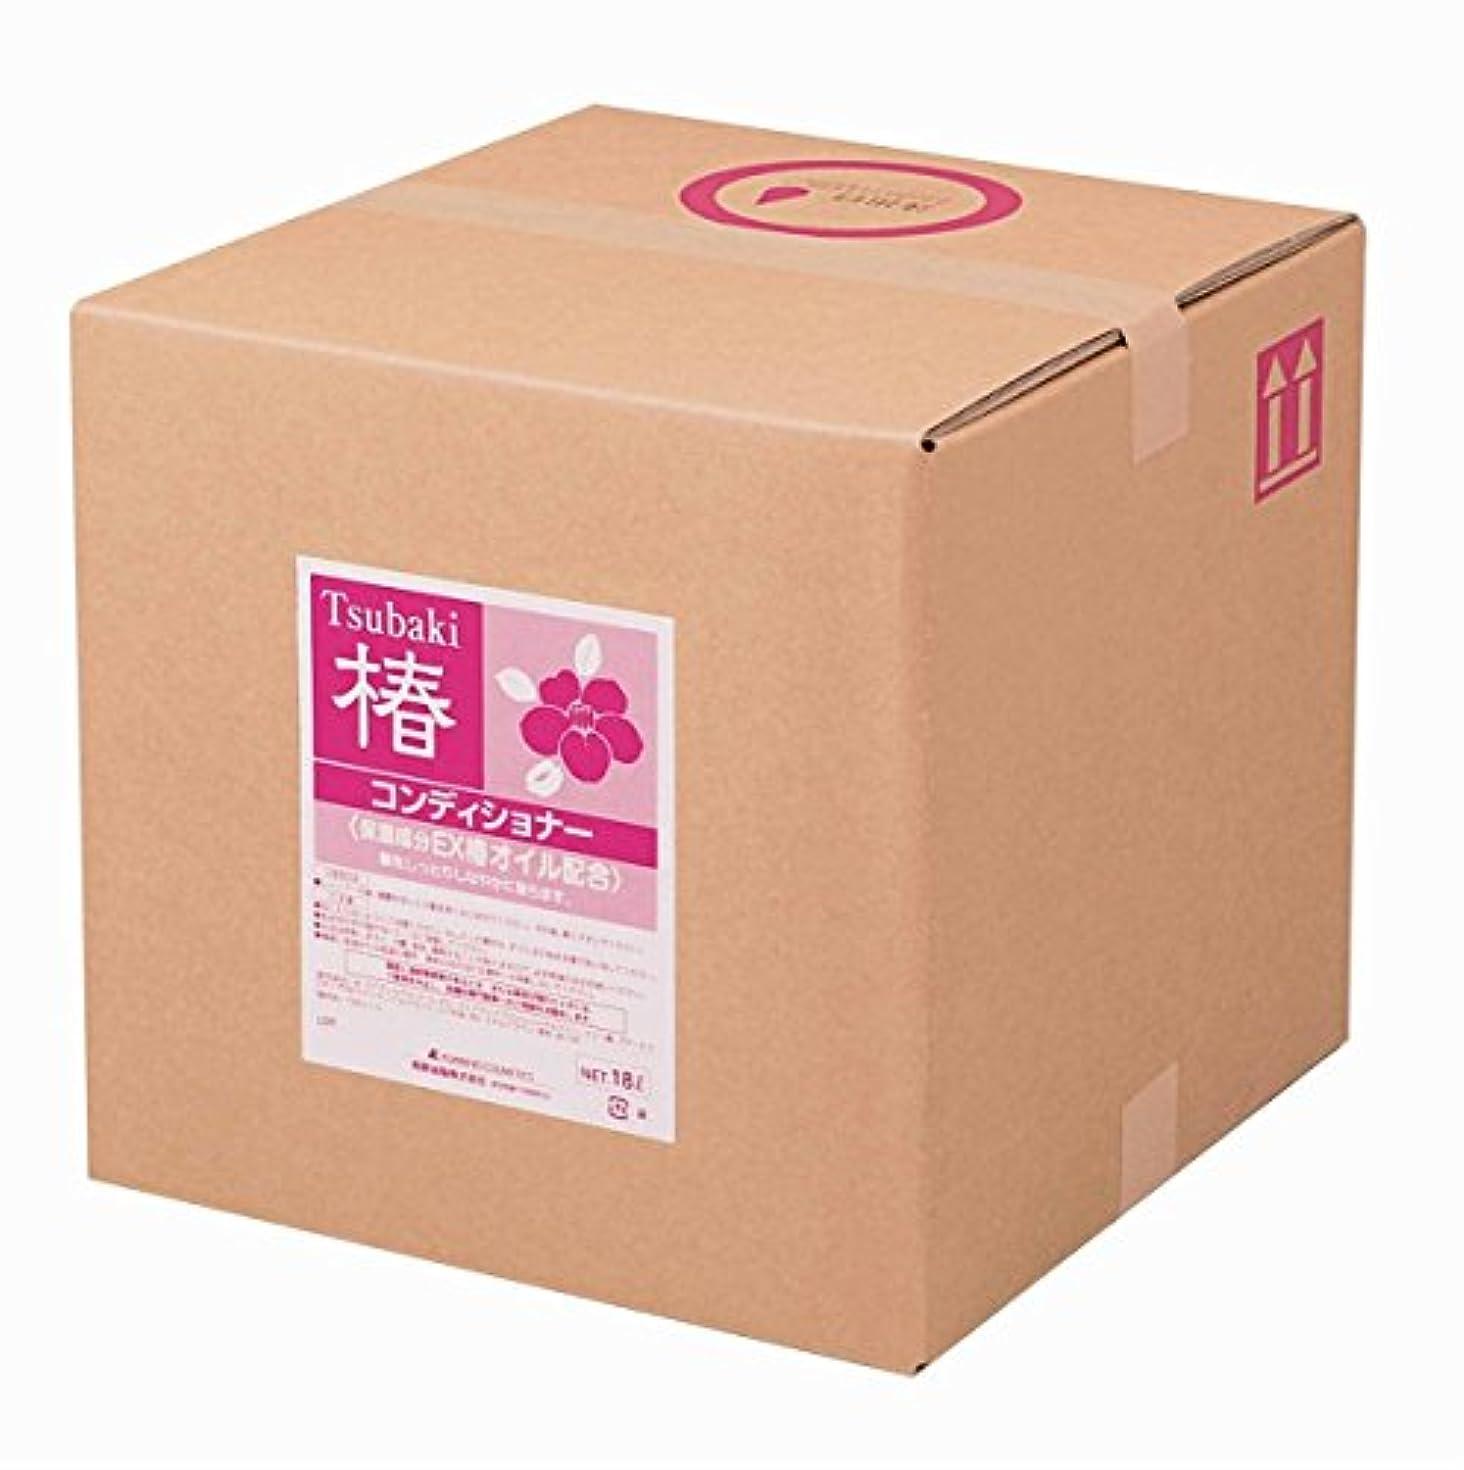 策定するミニチュア不平を言う熊野油脂 業務用 椿 コンディショナー 18L